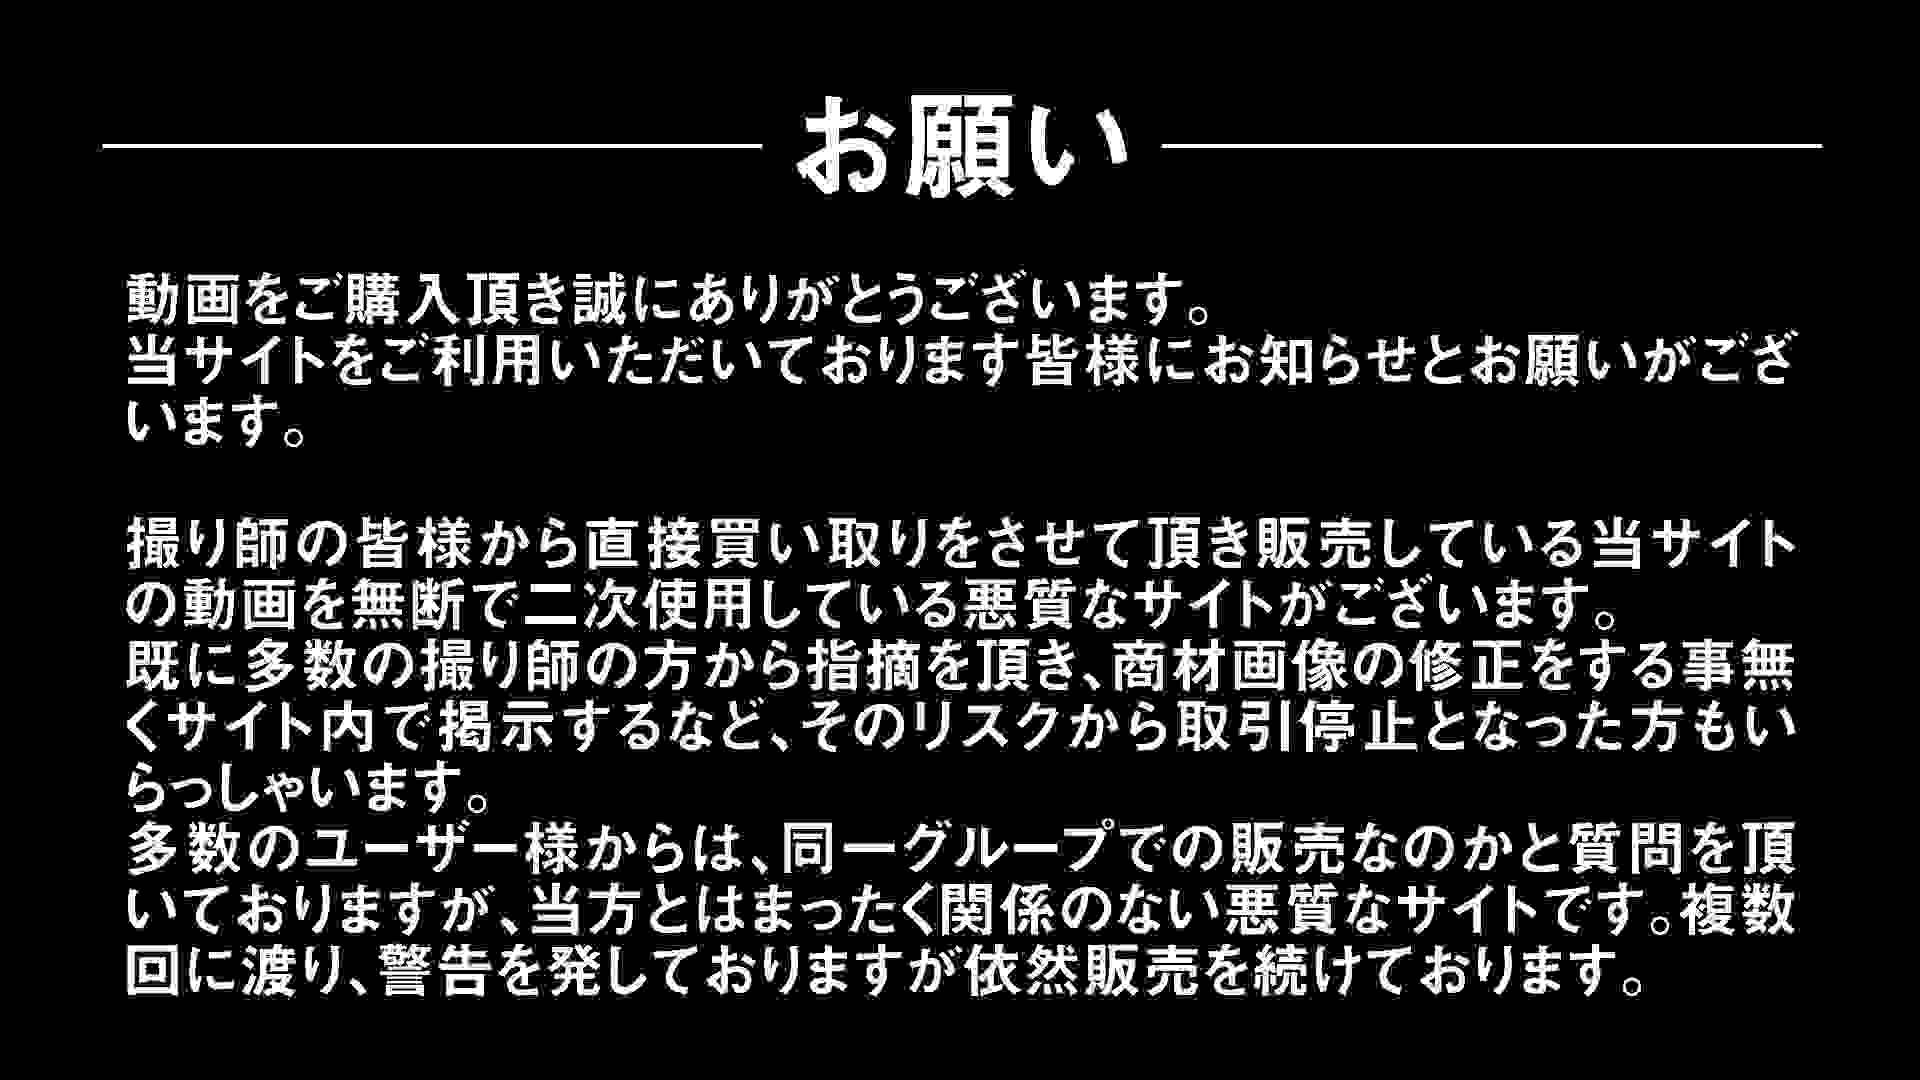 Aquaな露天風呂Vol.301 盗撮 | 露天風呂  112連発 16